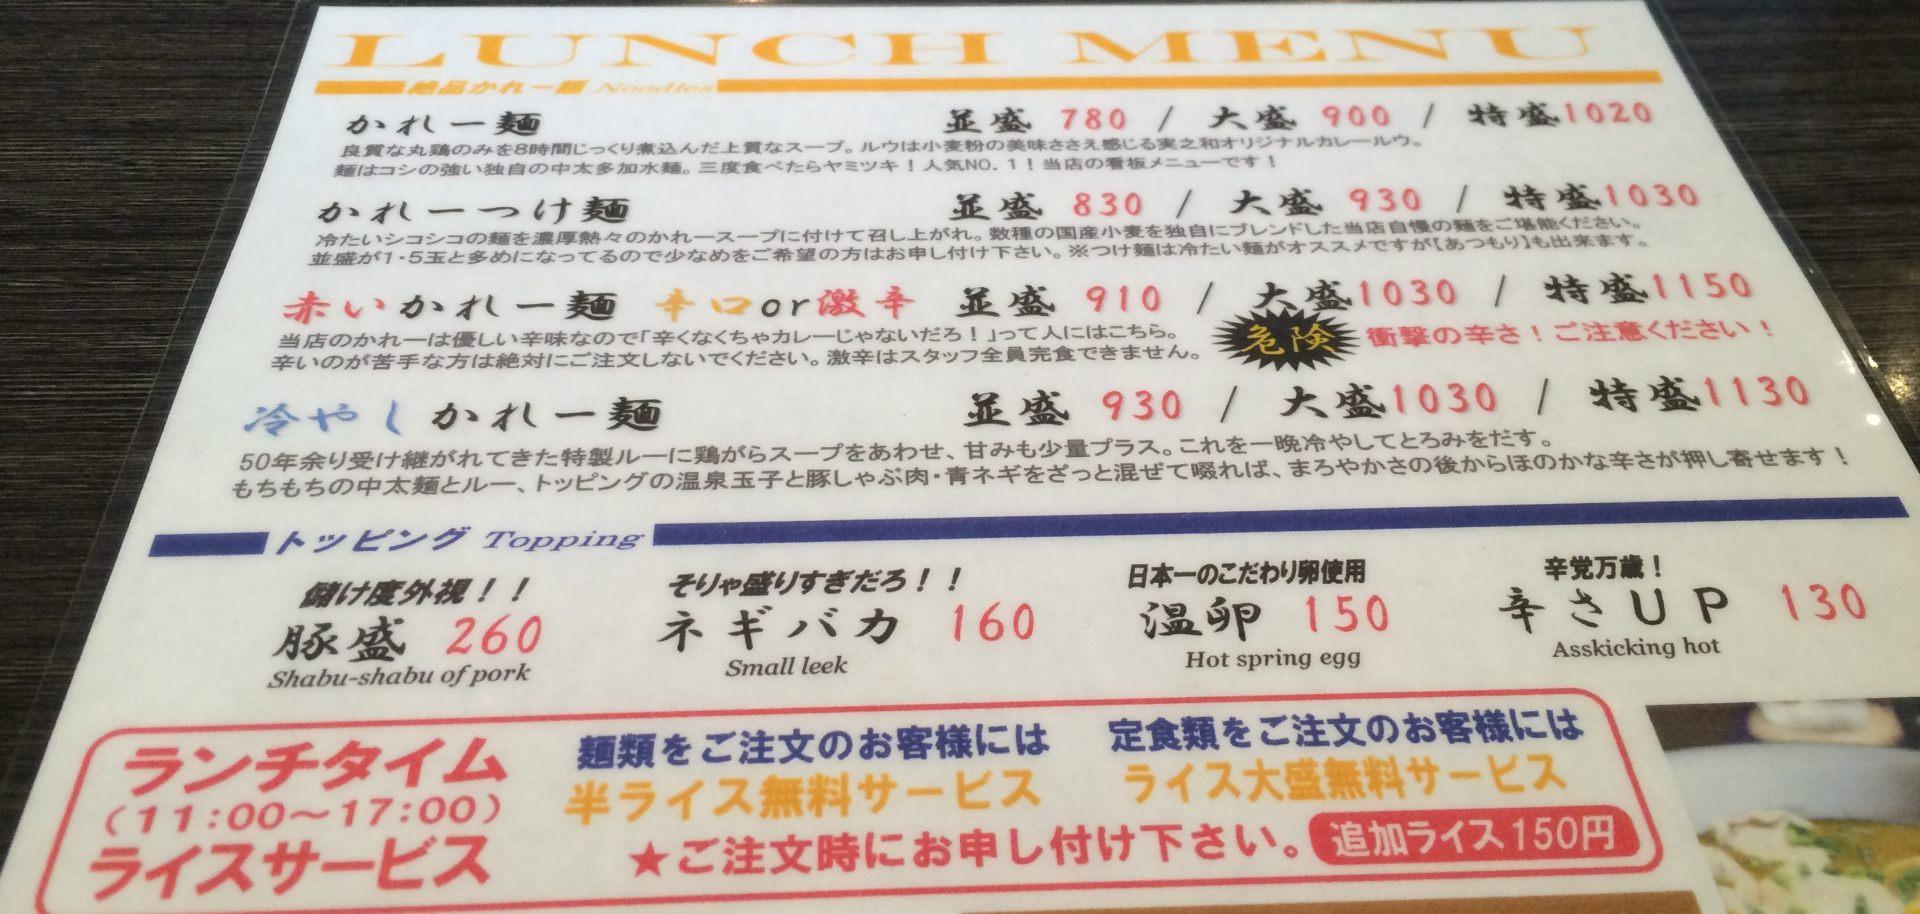 咖哩拉麵 菜單